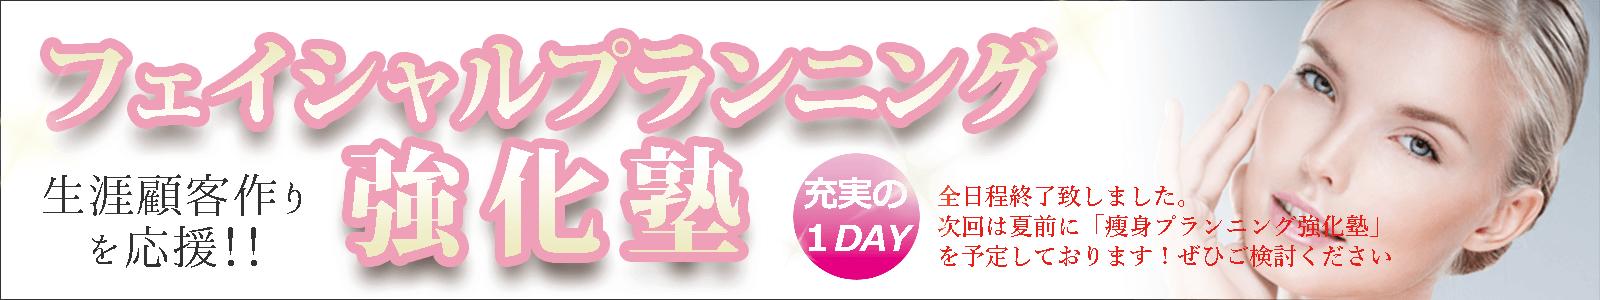 アリストレンディフェイシャルプランニング強化塾2019